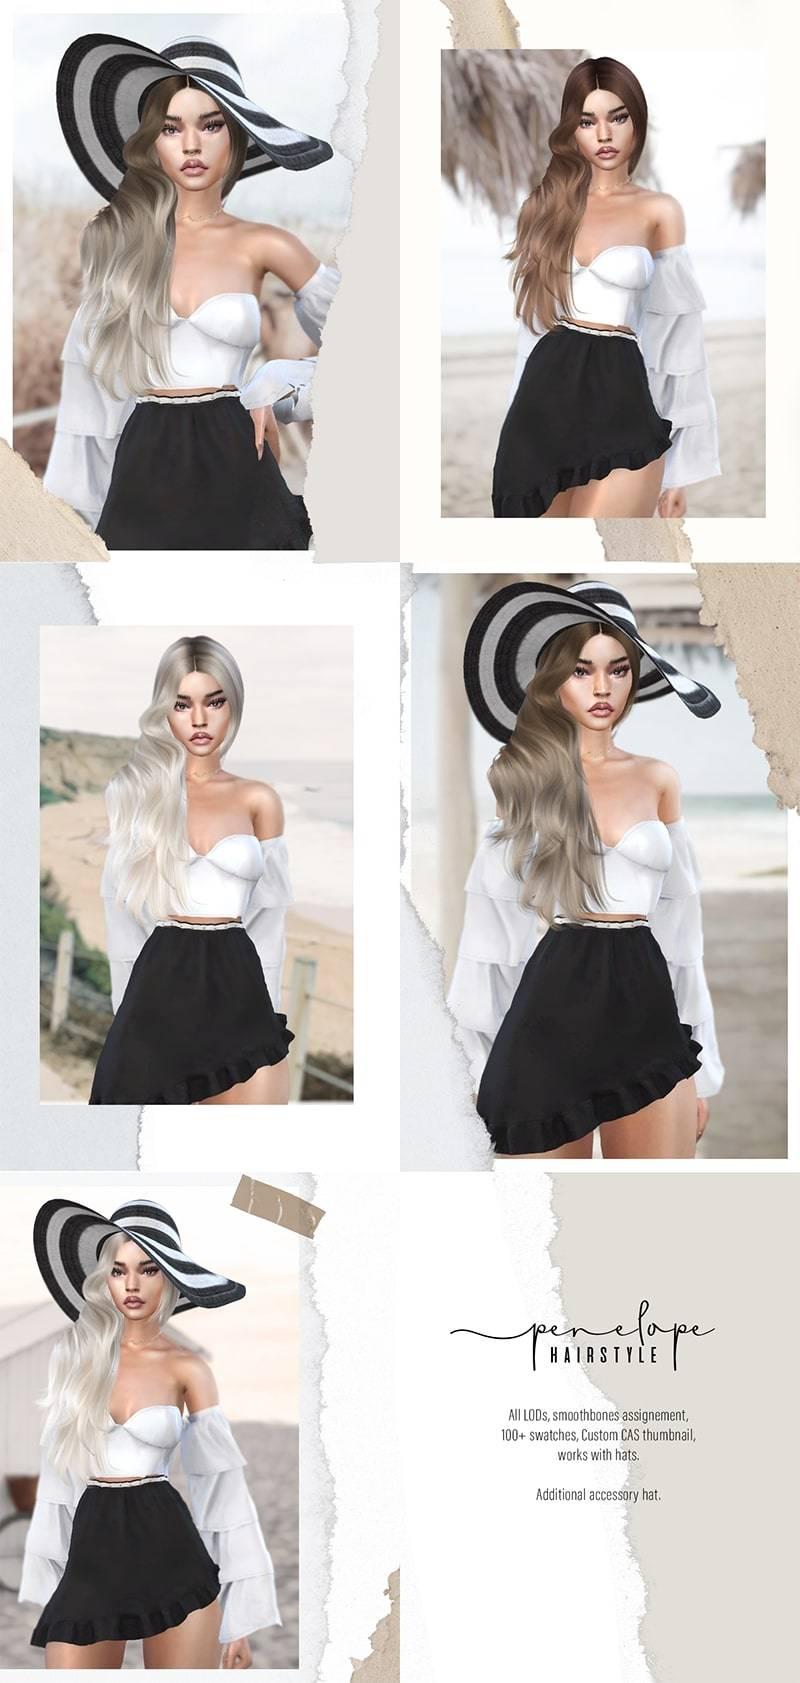 Женская прическа и шляпа - Penelope Hairstyle and hat accessory